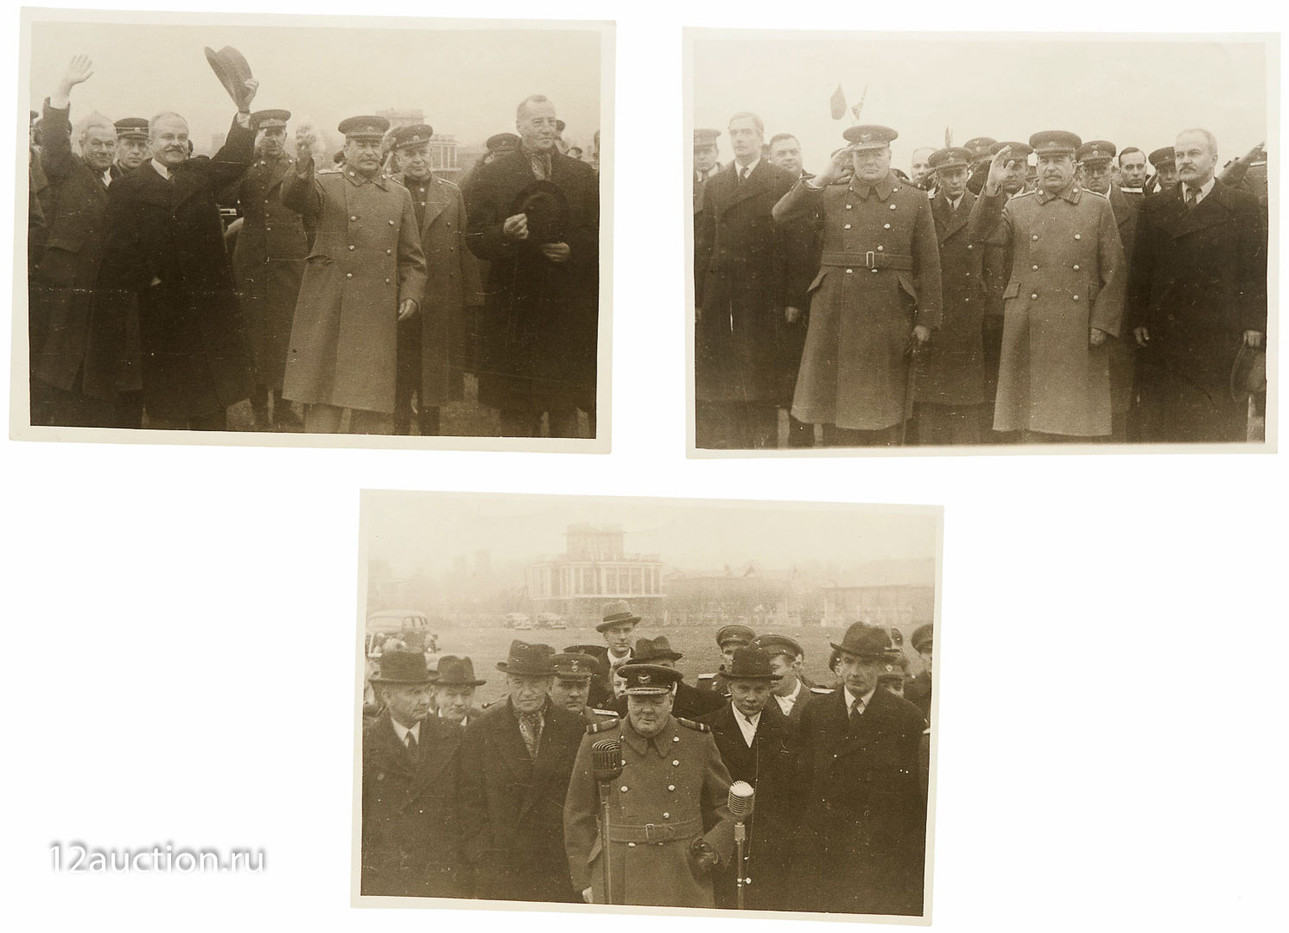 193. У. Черчилль, И. Сталин и